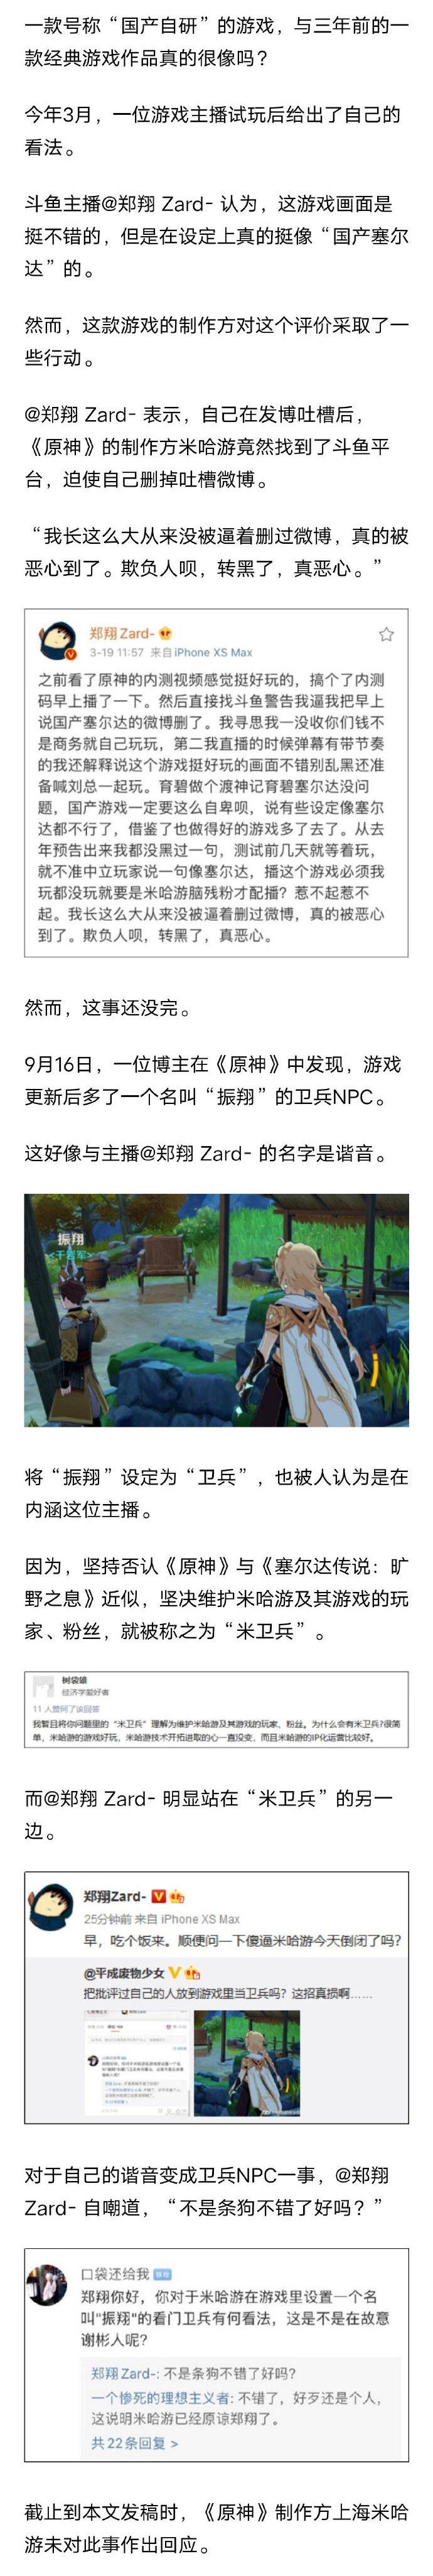 郑翔X原神时间 斗鱼郑翔因为将《原神》称为「国产塞尔达」而被警告